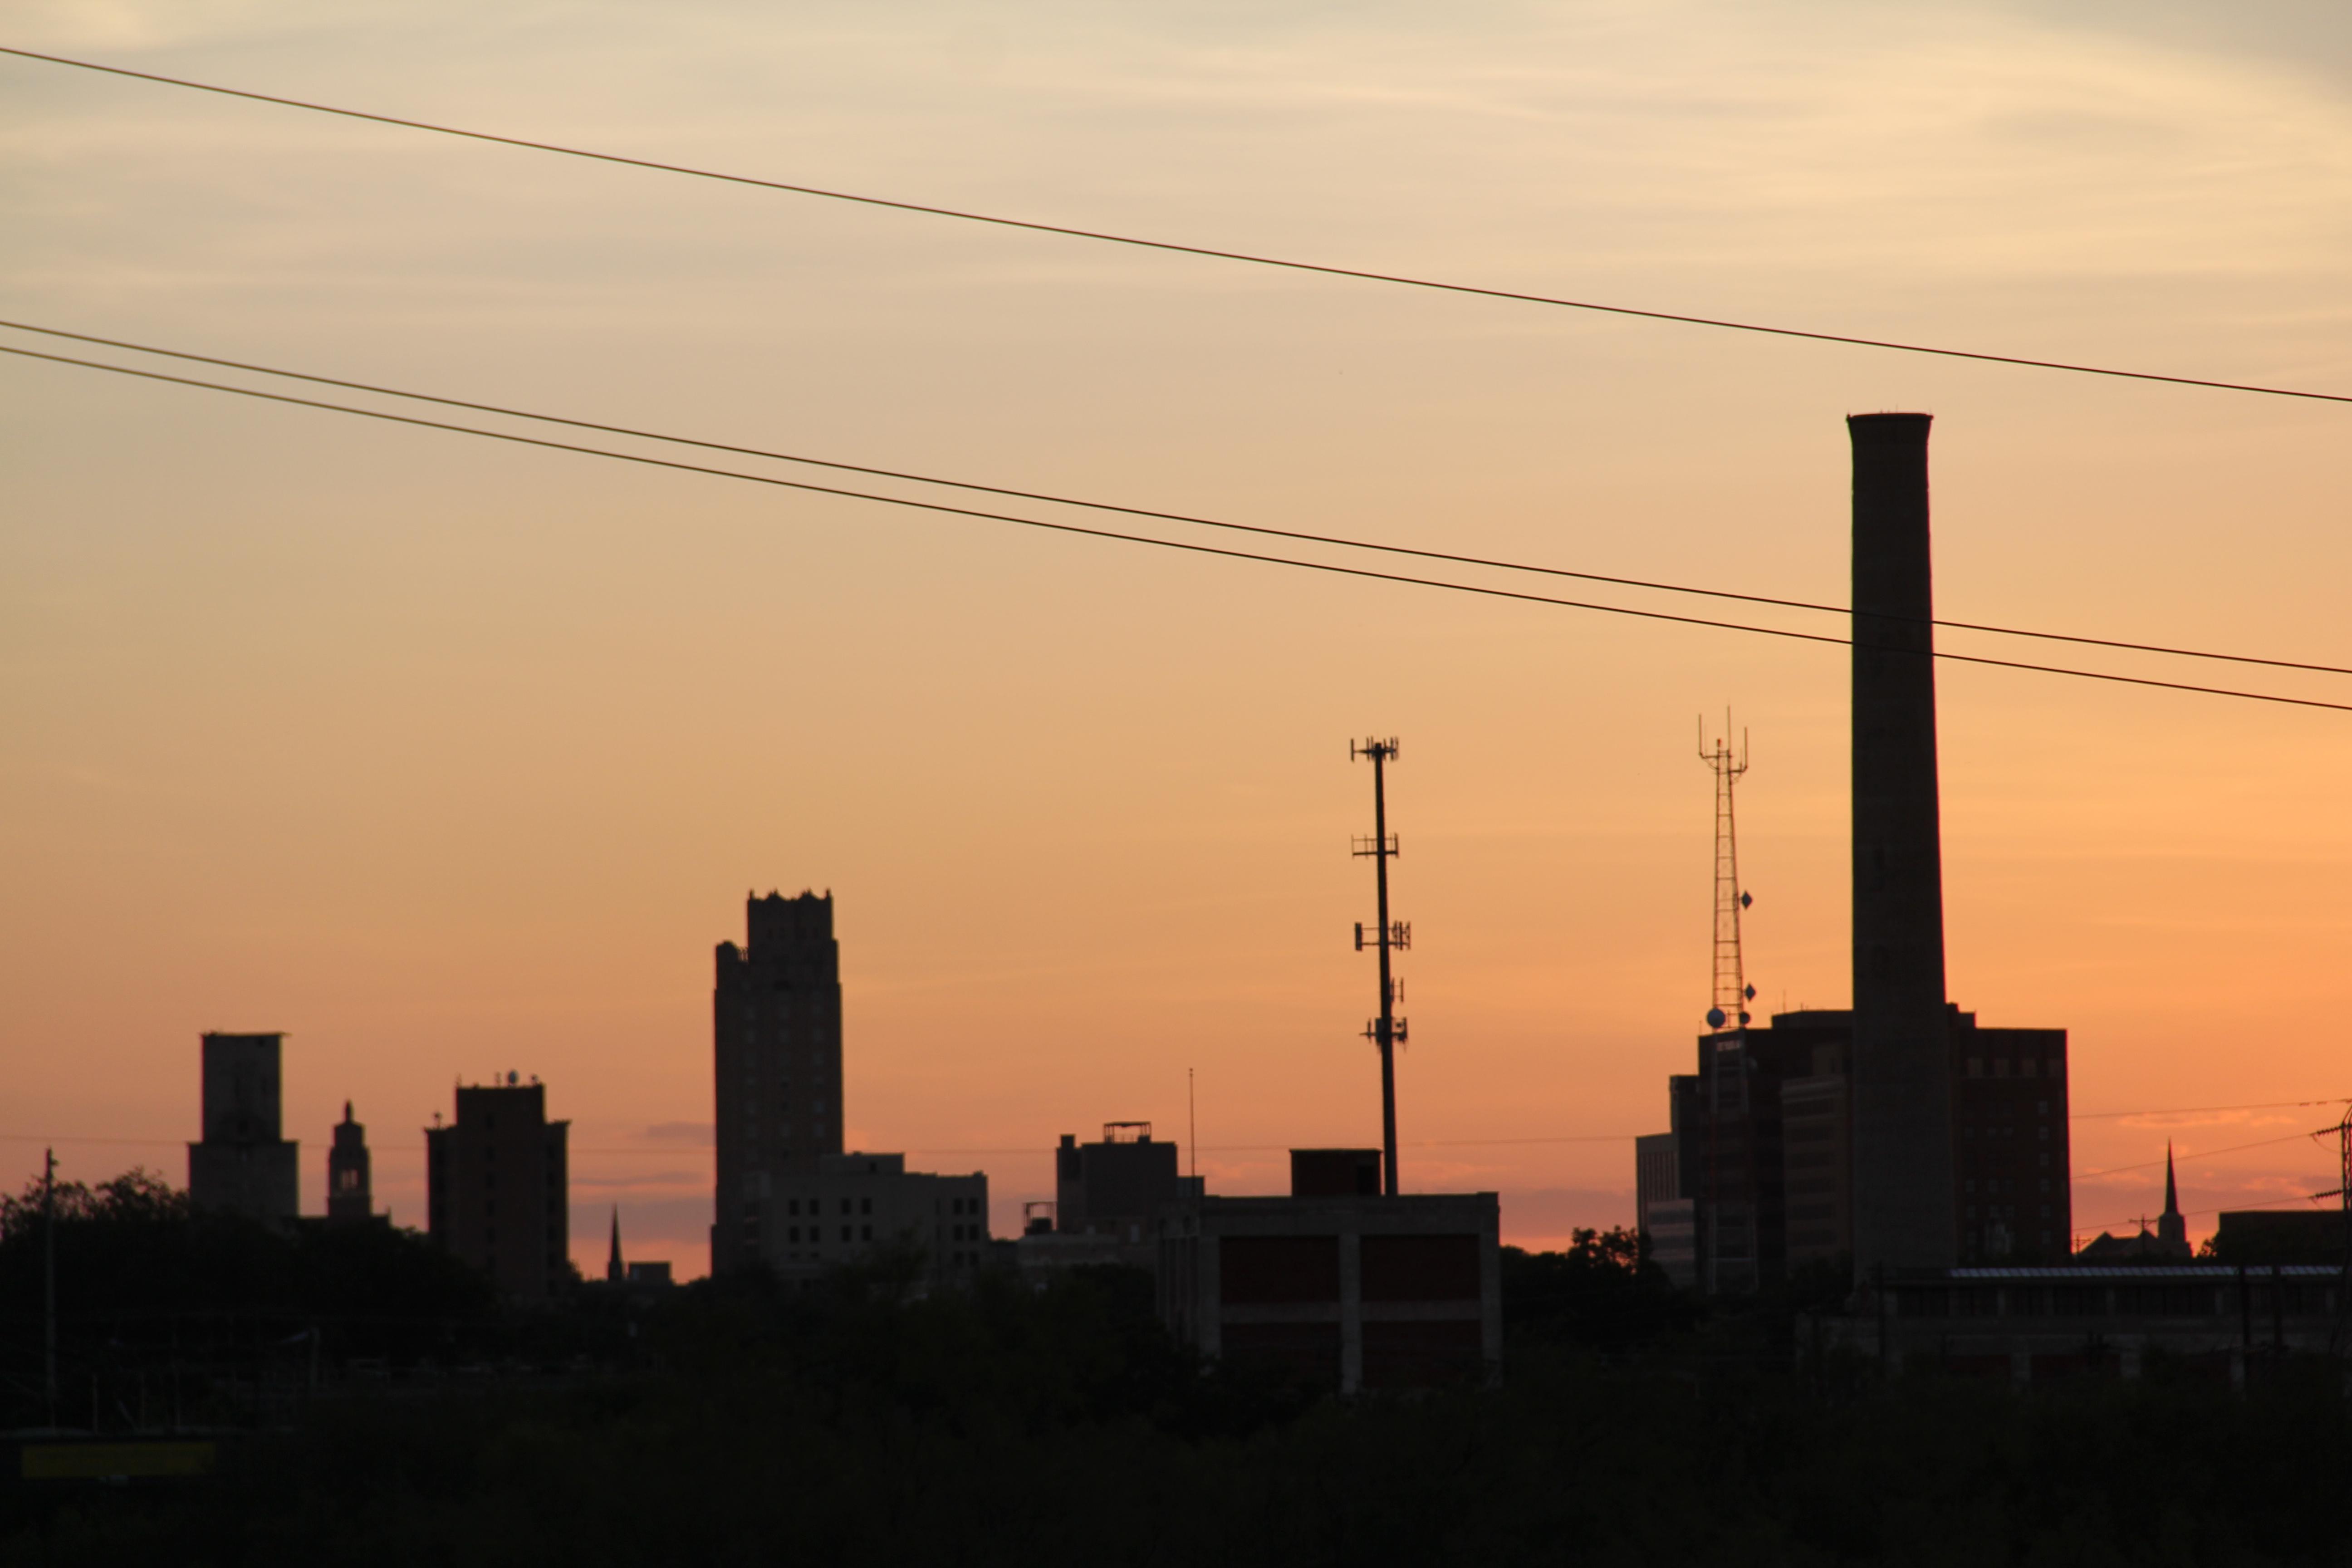 Abilene TX